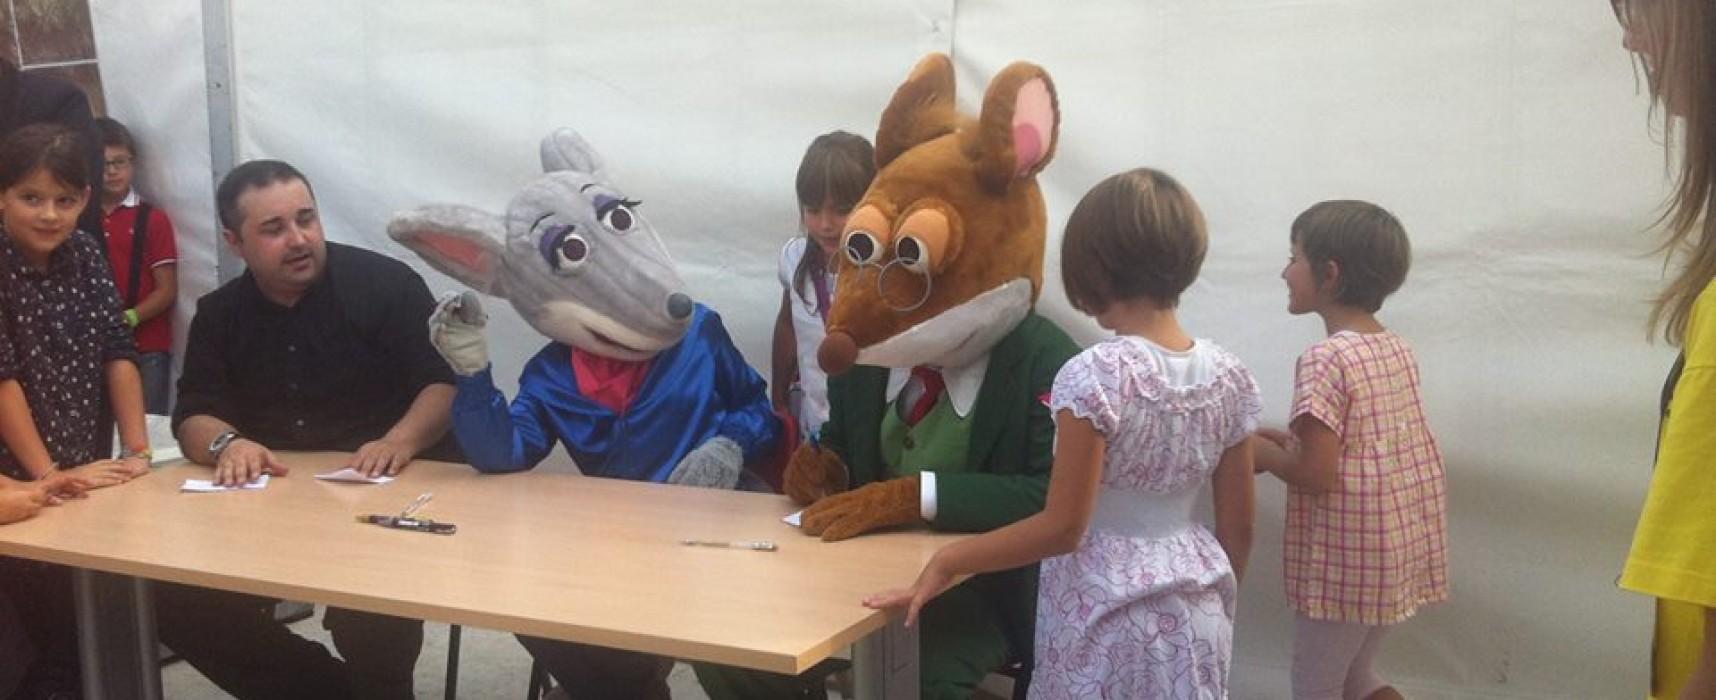 Geronimo e Tea Stilton, i topi più famosi di Italia a Pordenonelegge!